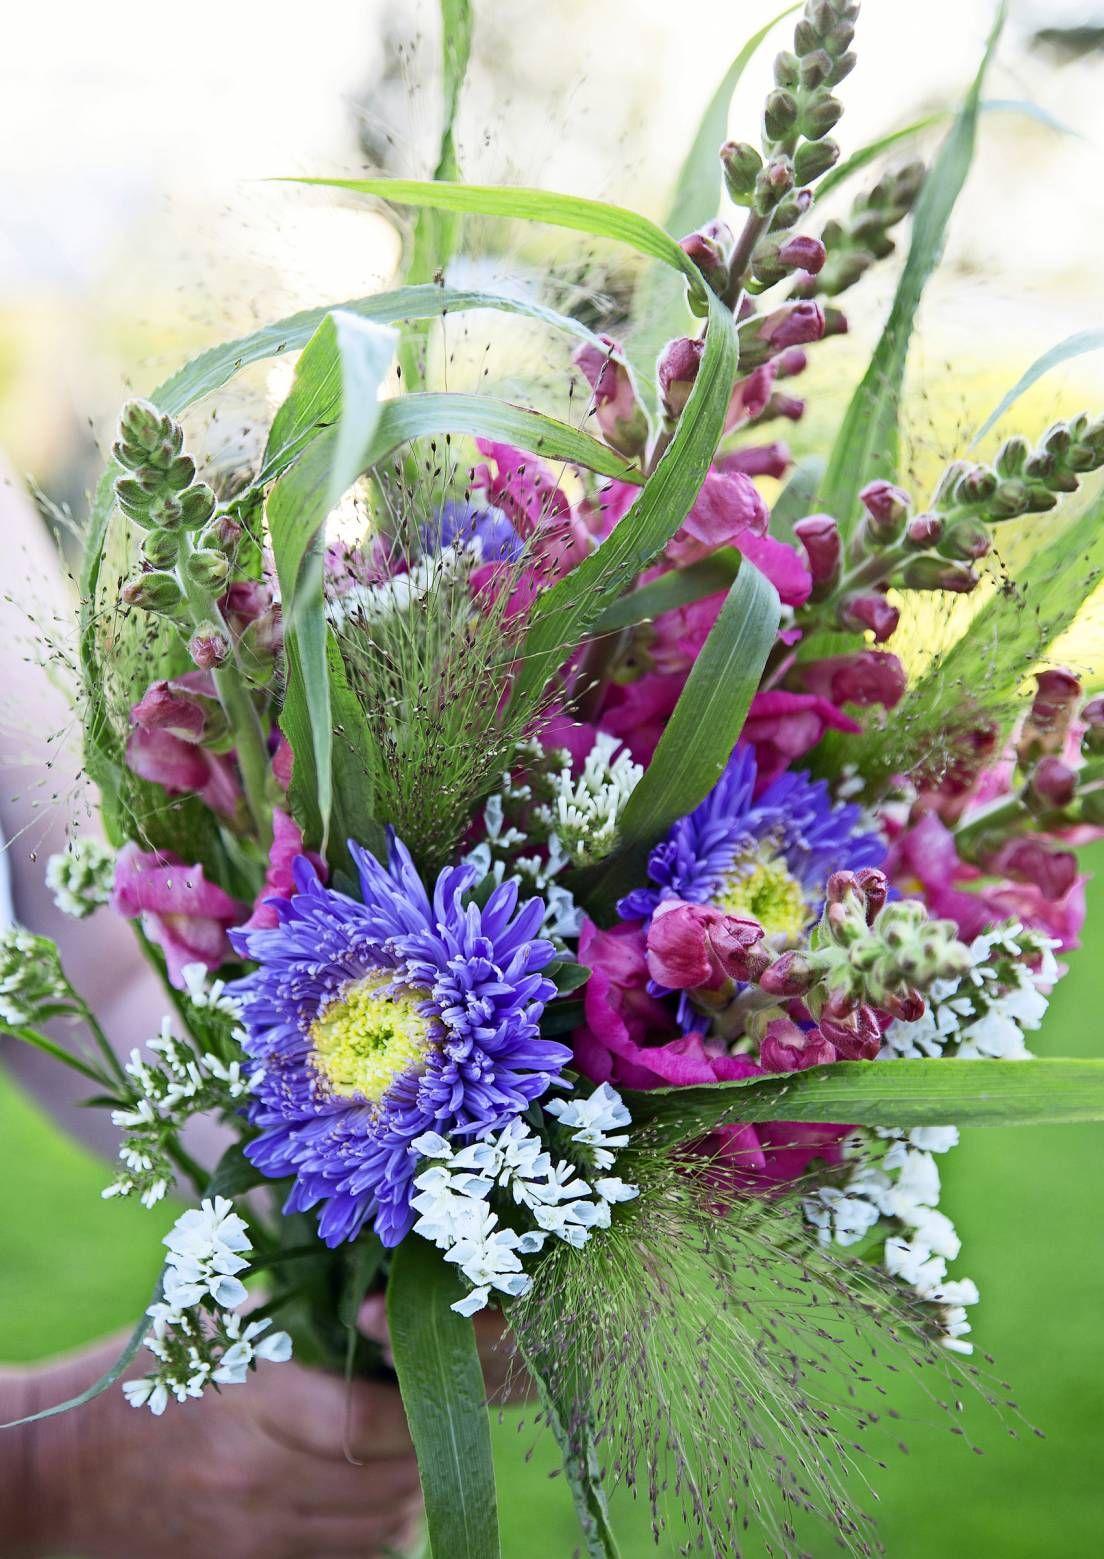 Rakkain kukkakimppu valmistuu oman puutarhan sadosta. Koristeheinät ja kauniin muotoiset lehdet keventävät kimppujen ilmettä. Lue Viherpihan vinkit.